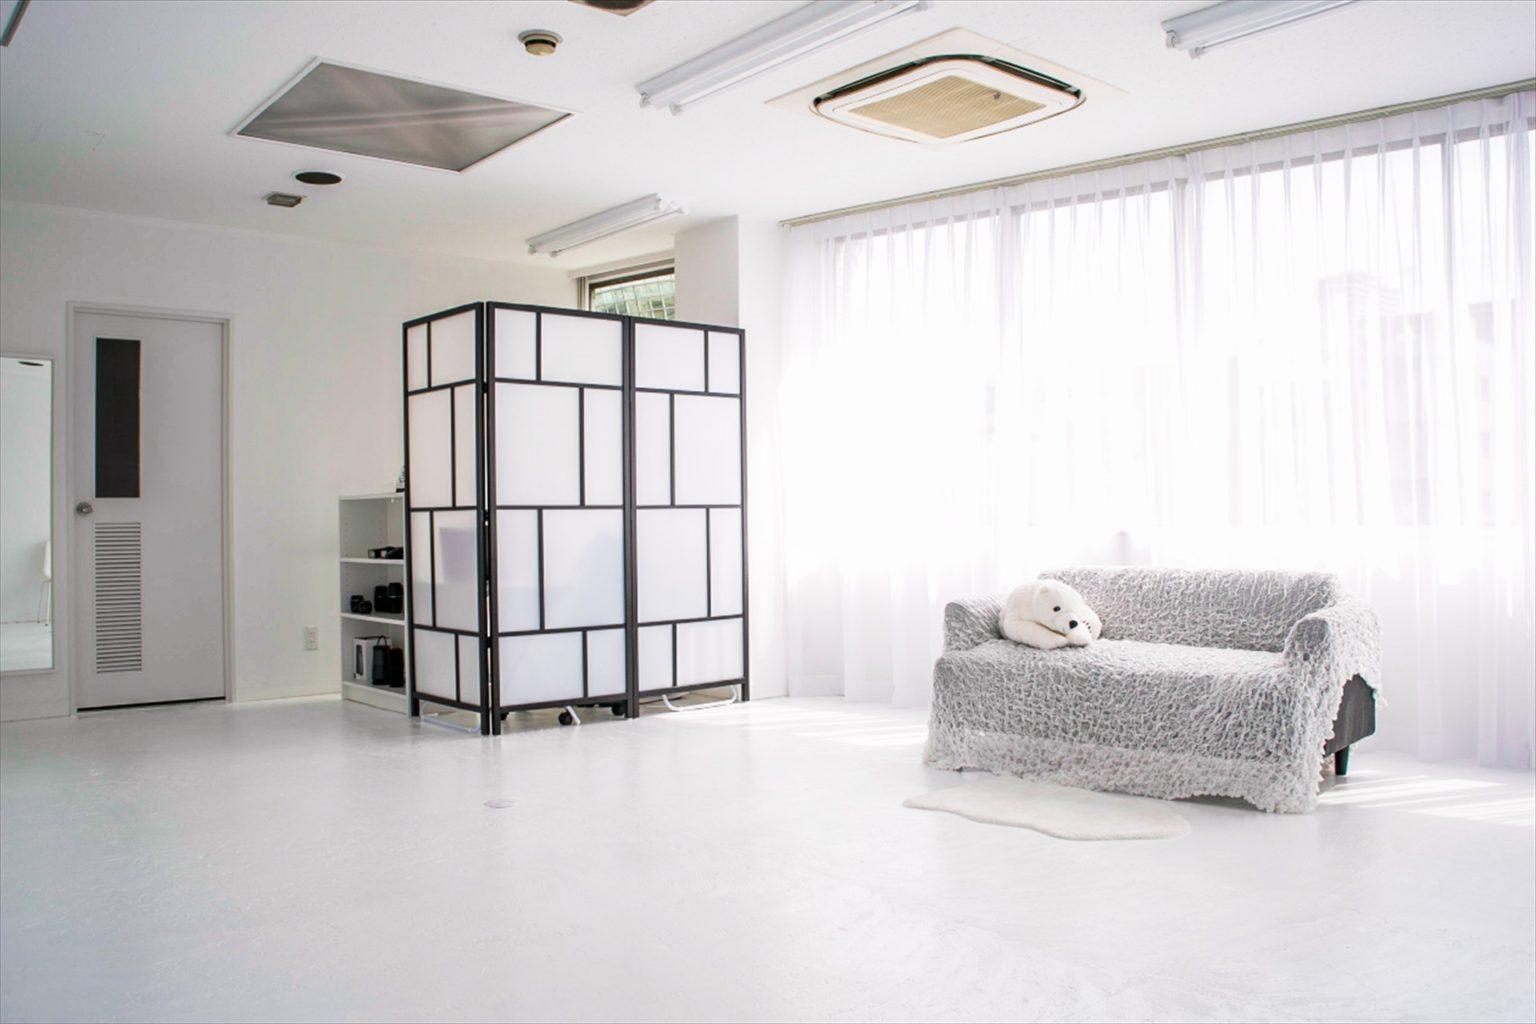 LUZZ STUDIOの白ホリゾント(白い部屋)の室内写真 8